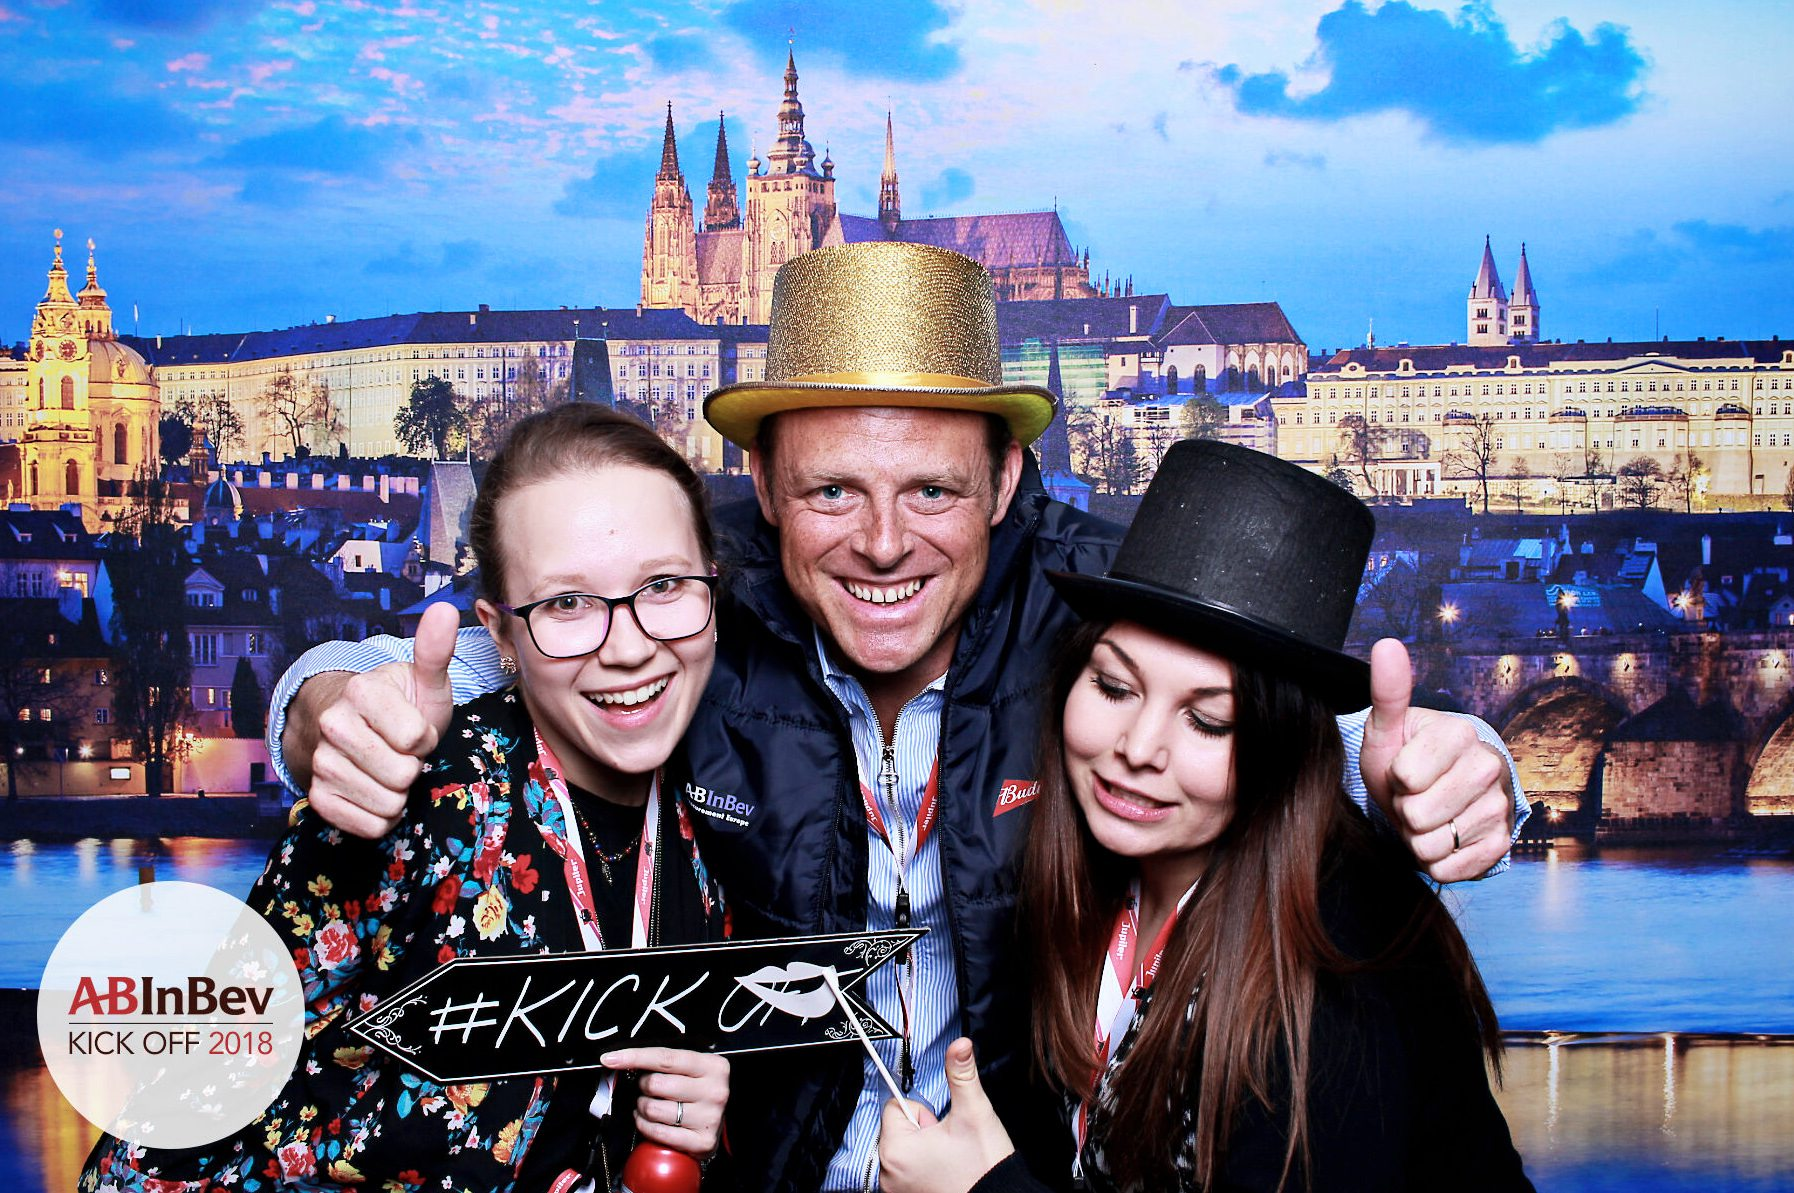 fotokoutek-abinbev-22-2-2018-393313